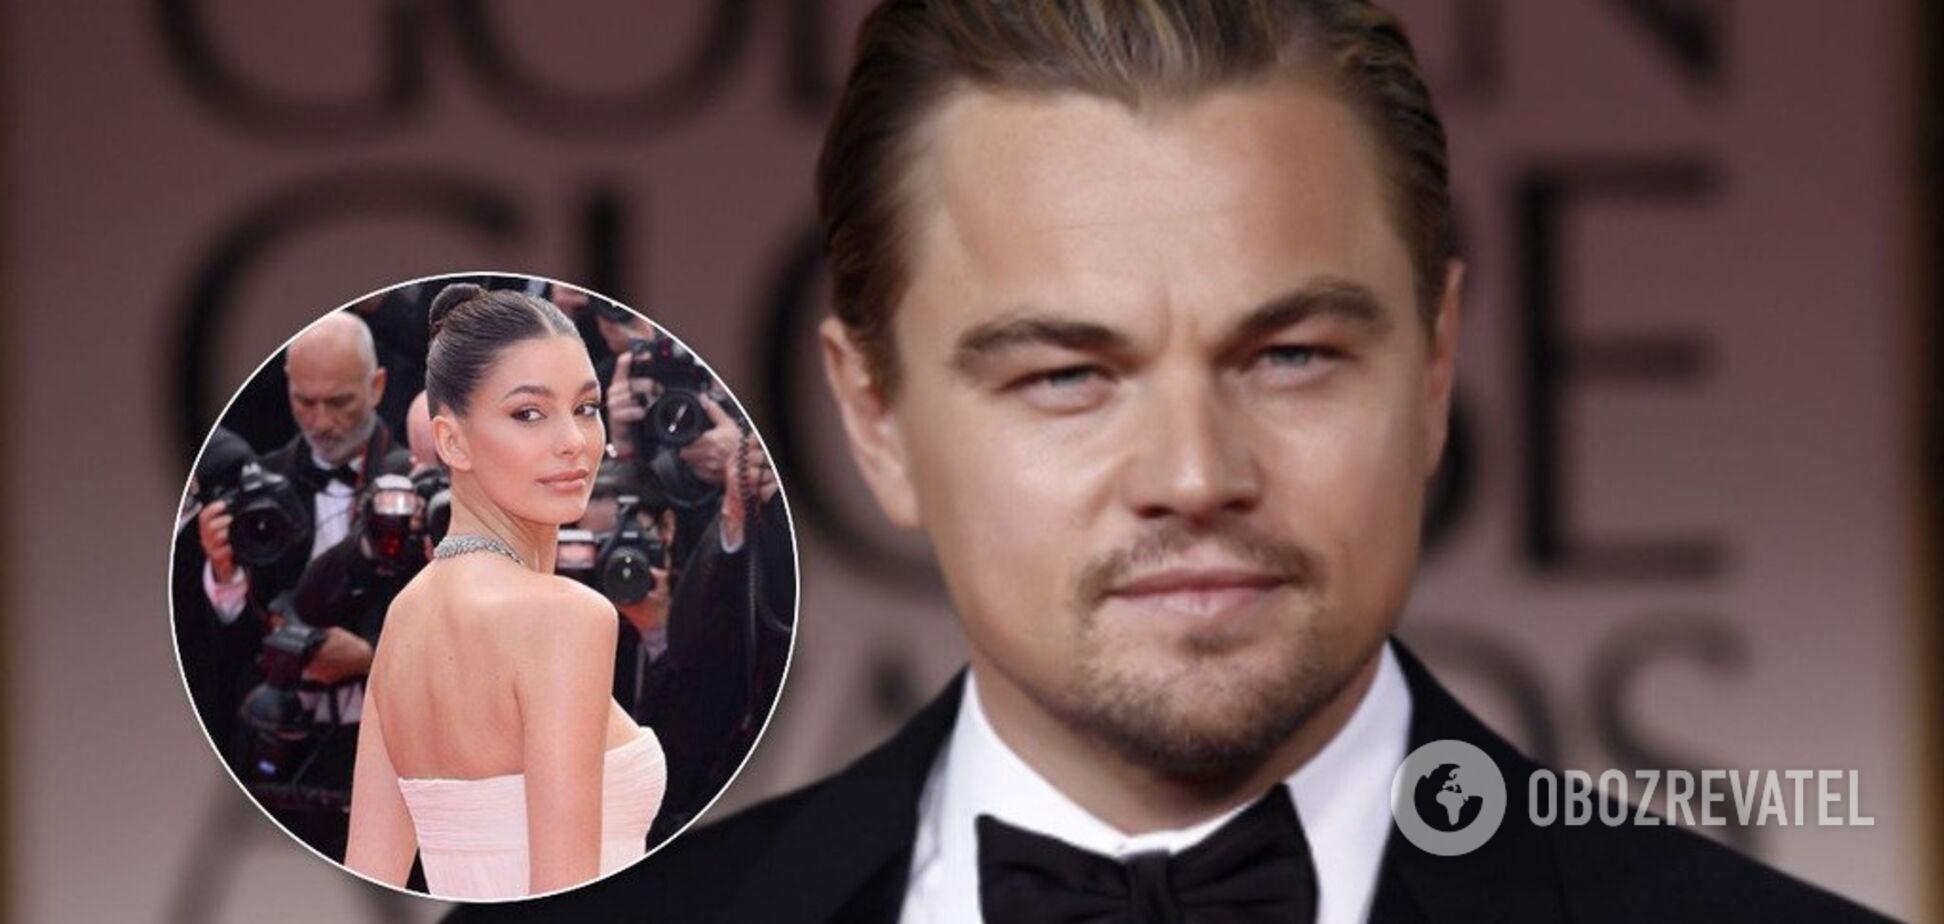 Стало відомо про таємні заручини Ді Капріо з донькою Аль Пачіно: як вона виглядає